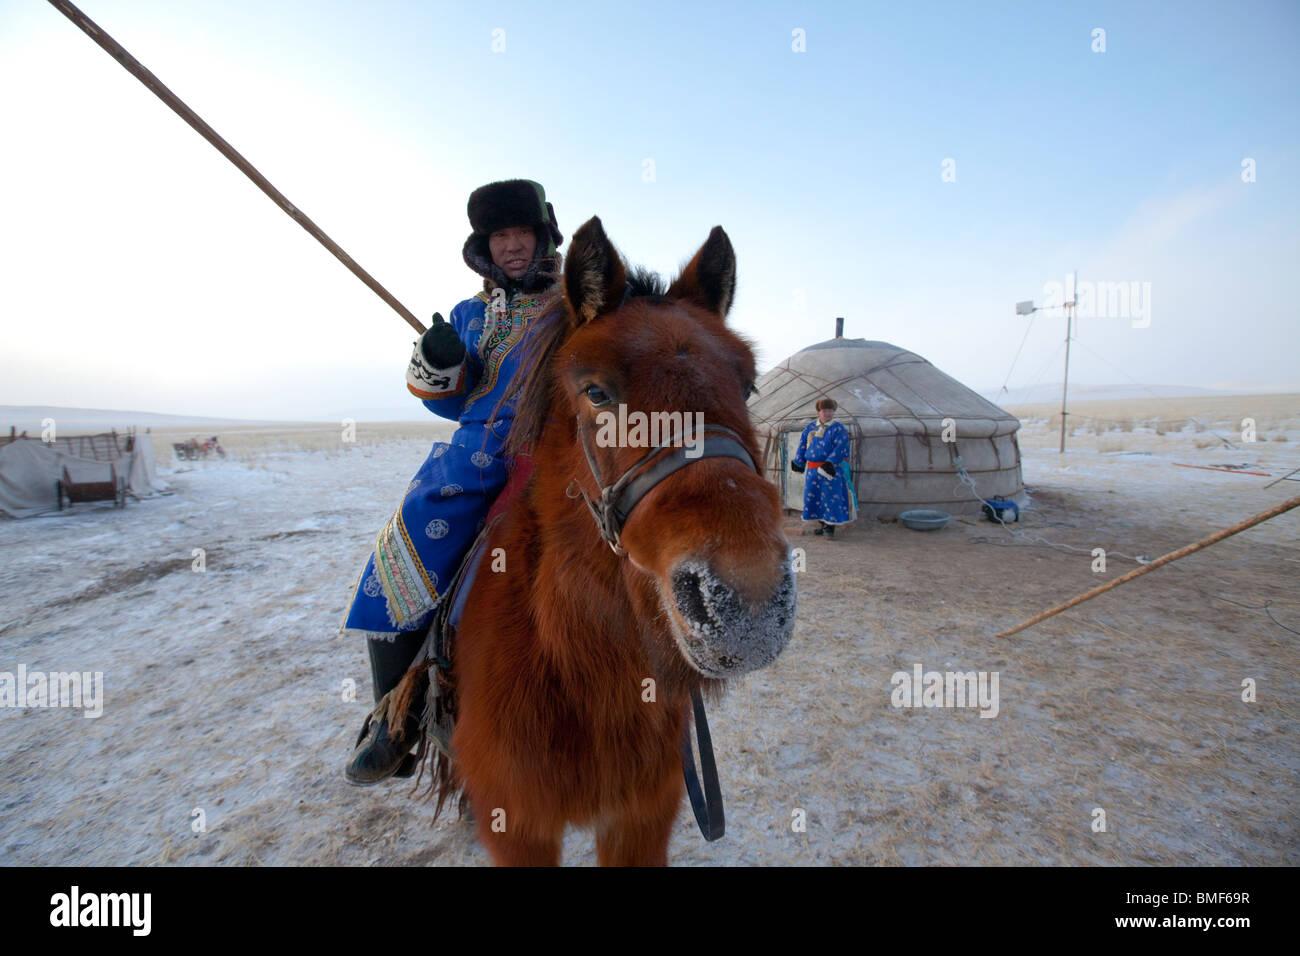 Mongolian men riding horse with horsewhip, Ujimqin Grassland, East Ujimqin Banner, Xilin Gol League, Inner Mongolia, - Stock Image